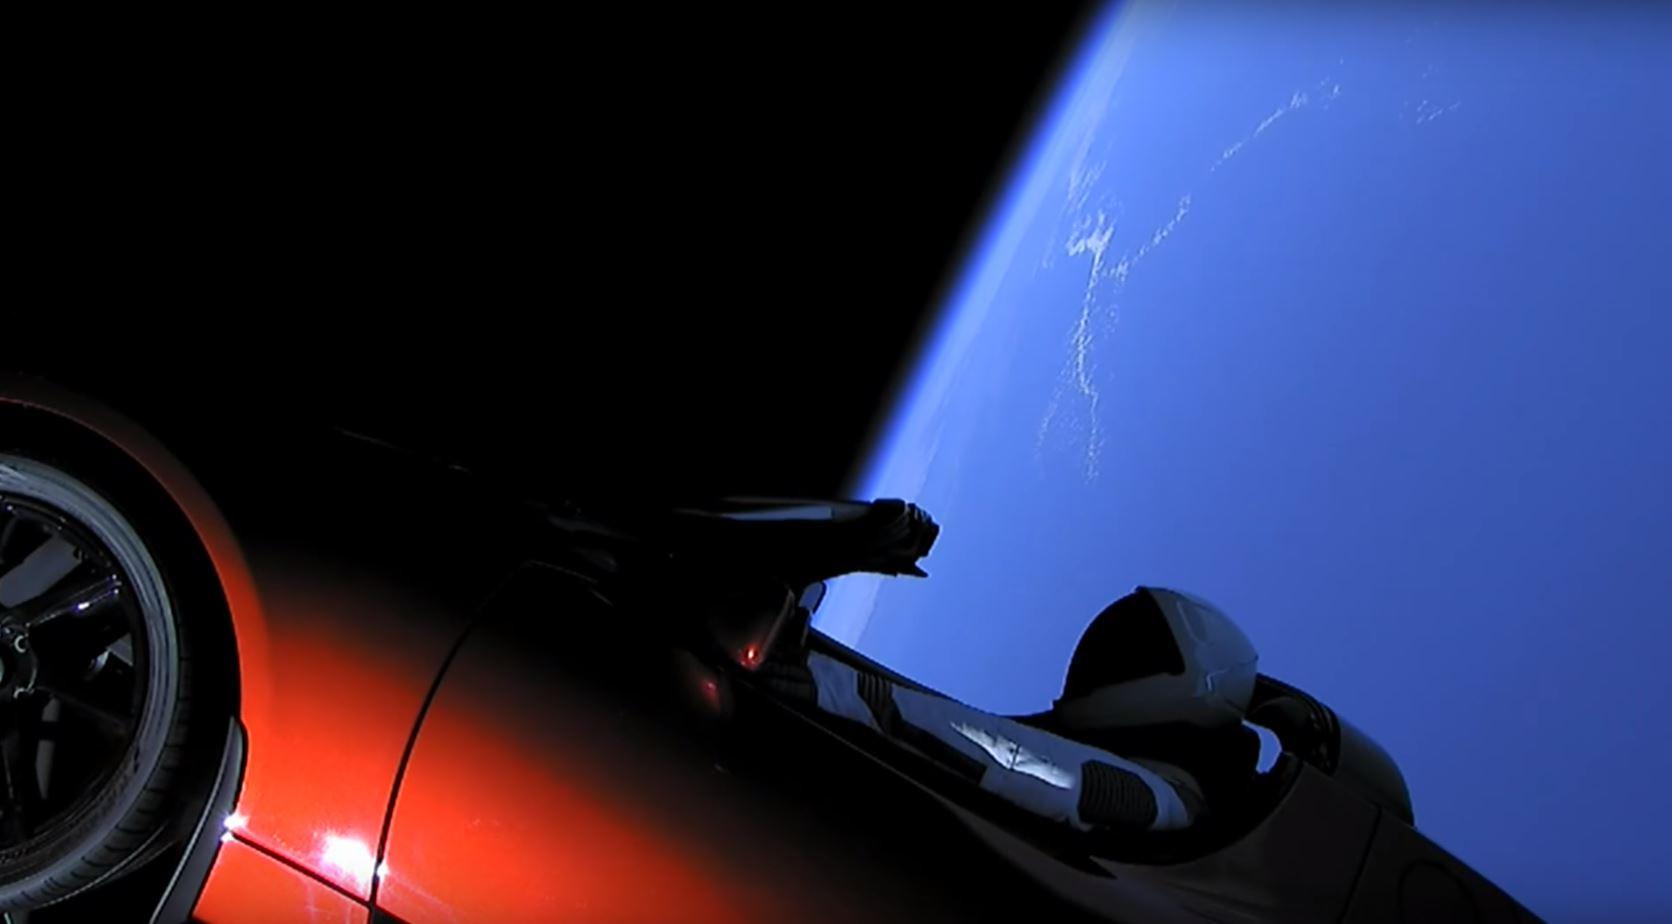 La Tesla Roadster et Starman ont dépassé l'orbite de Mars